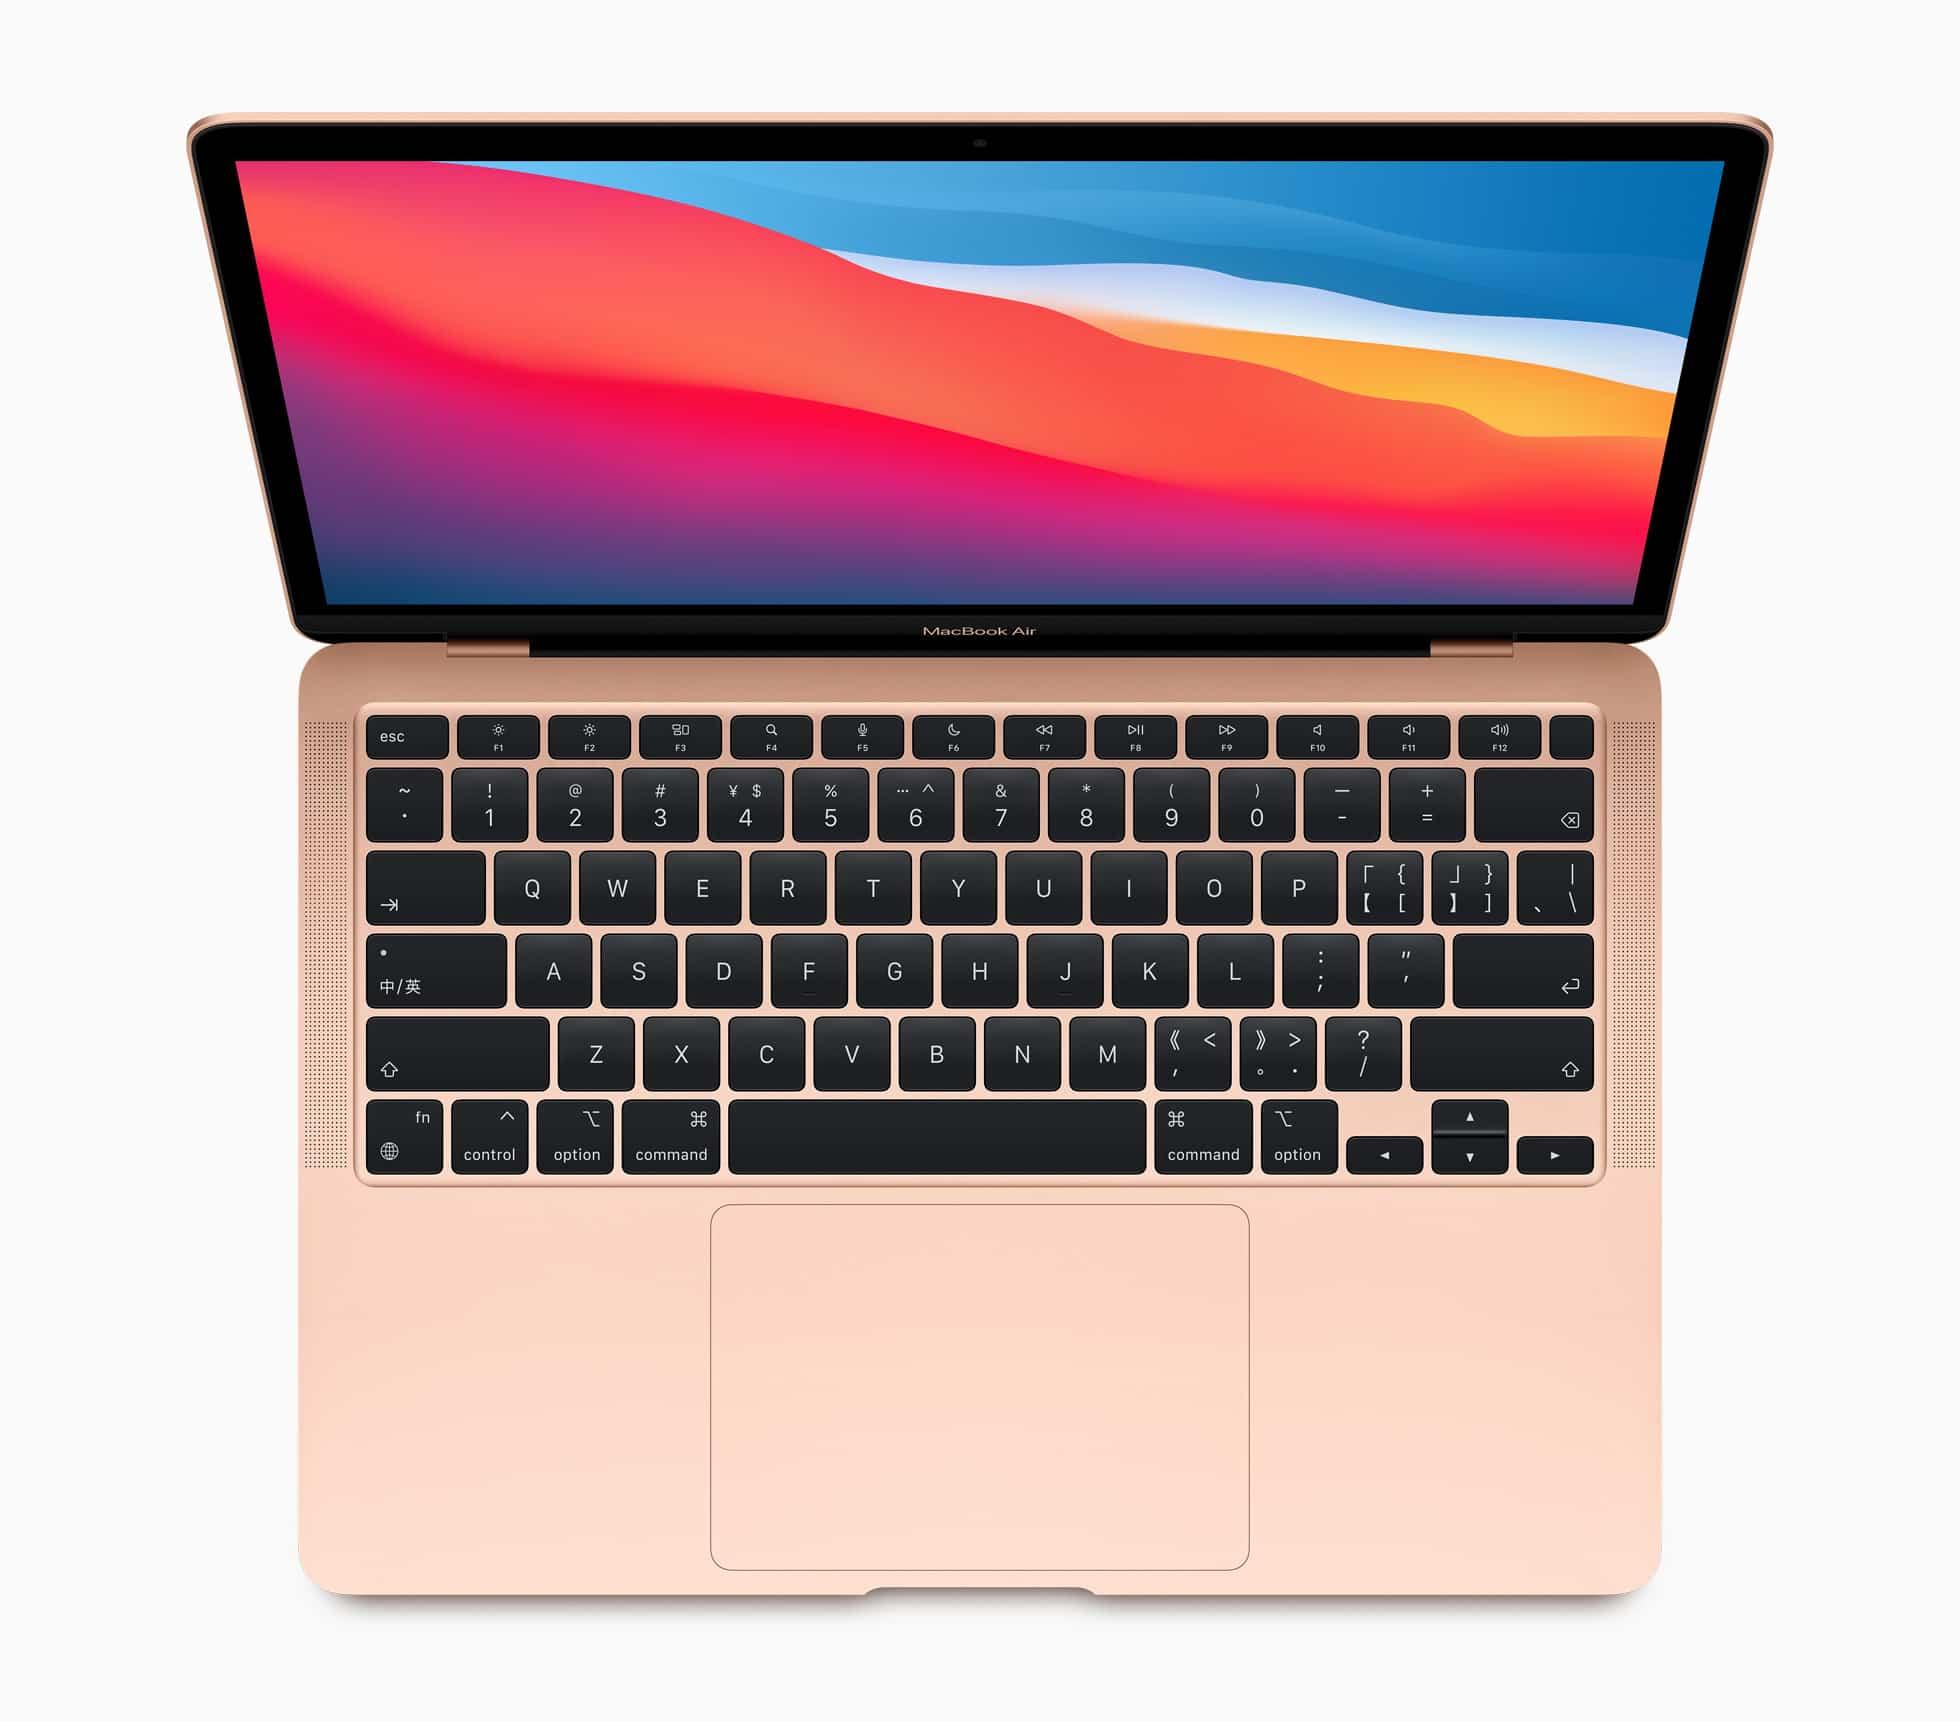 ¿Conoces la nueva generación del Mac? 2